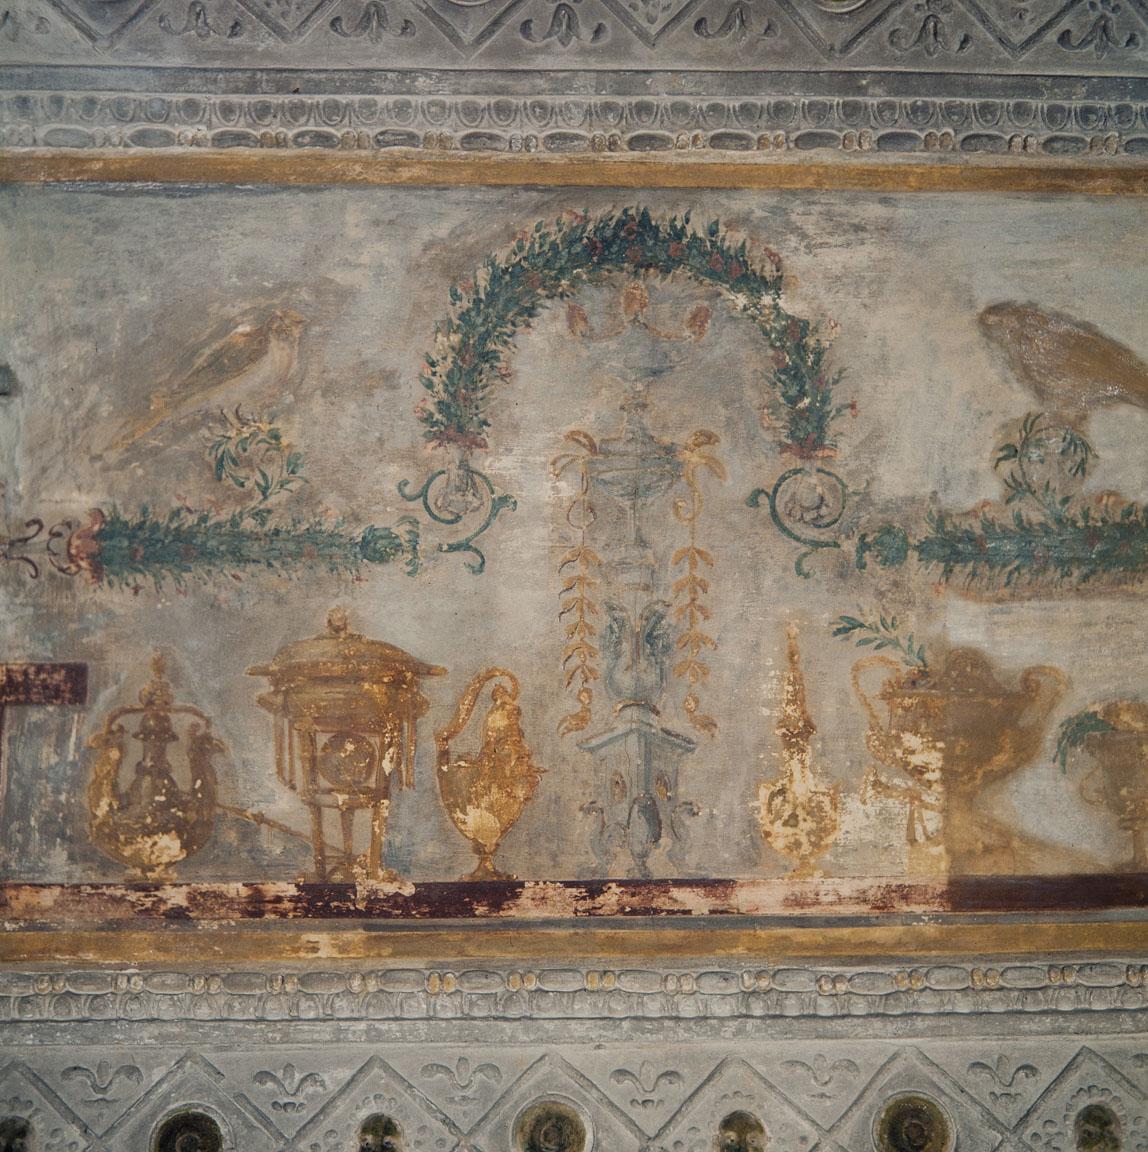 motivi decorativi a grottesche (decorazione plastico-pittorica, complesso decorativo) di Giovanni da Udine detto Giovanni Ricamatore, Pippi Giulio detto Giulio Romano (sec. XVI)